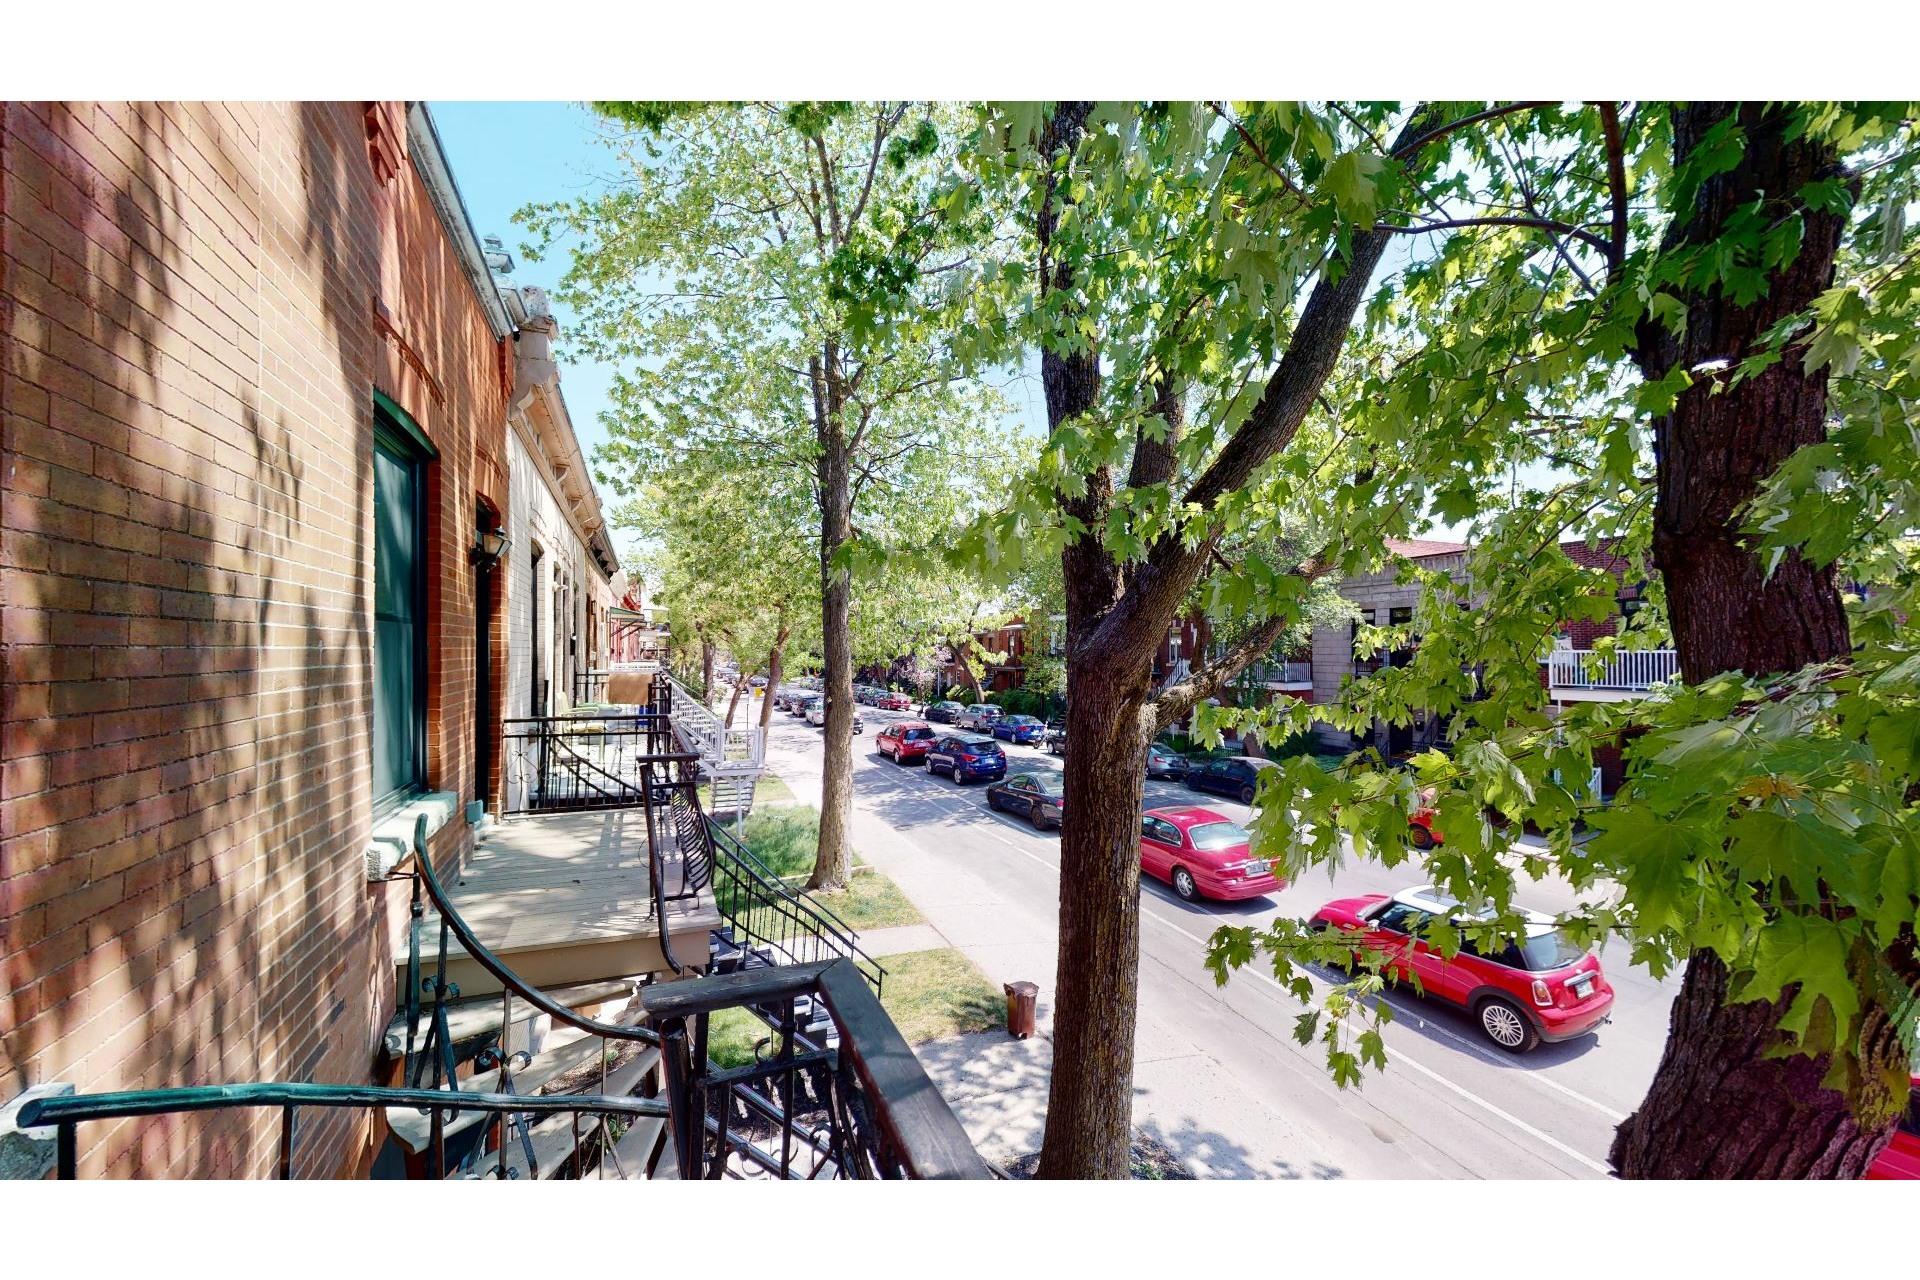 image 19 - Duplex À vendre Rosemont/La Petite-Patrie Montréal  - 7 pièces